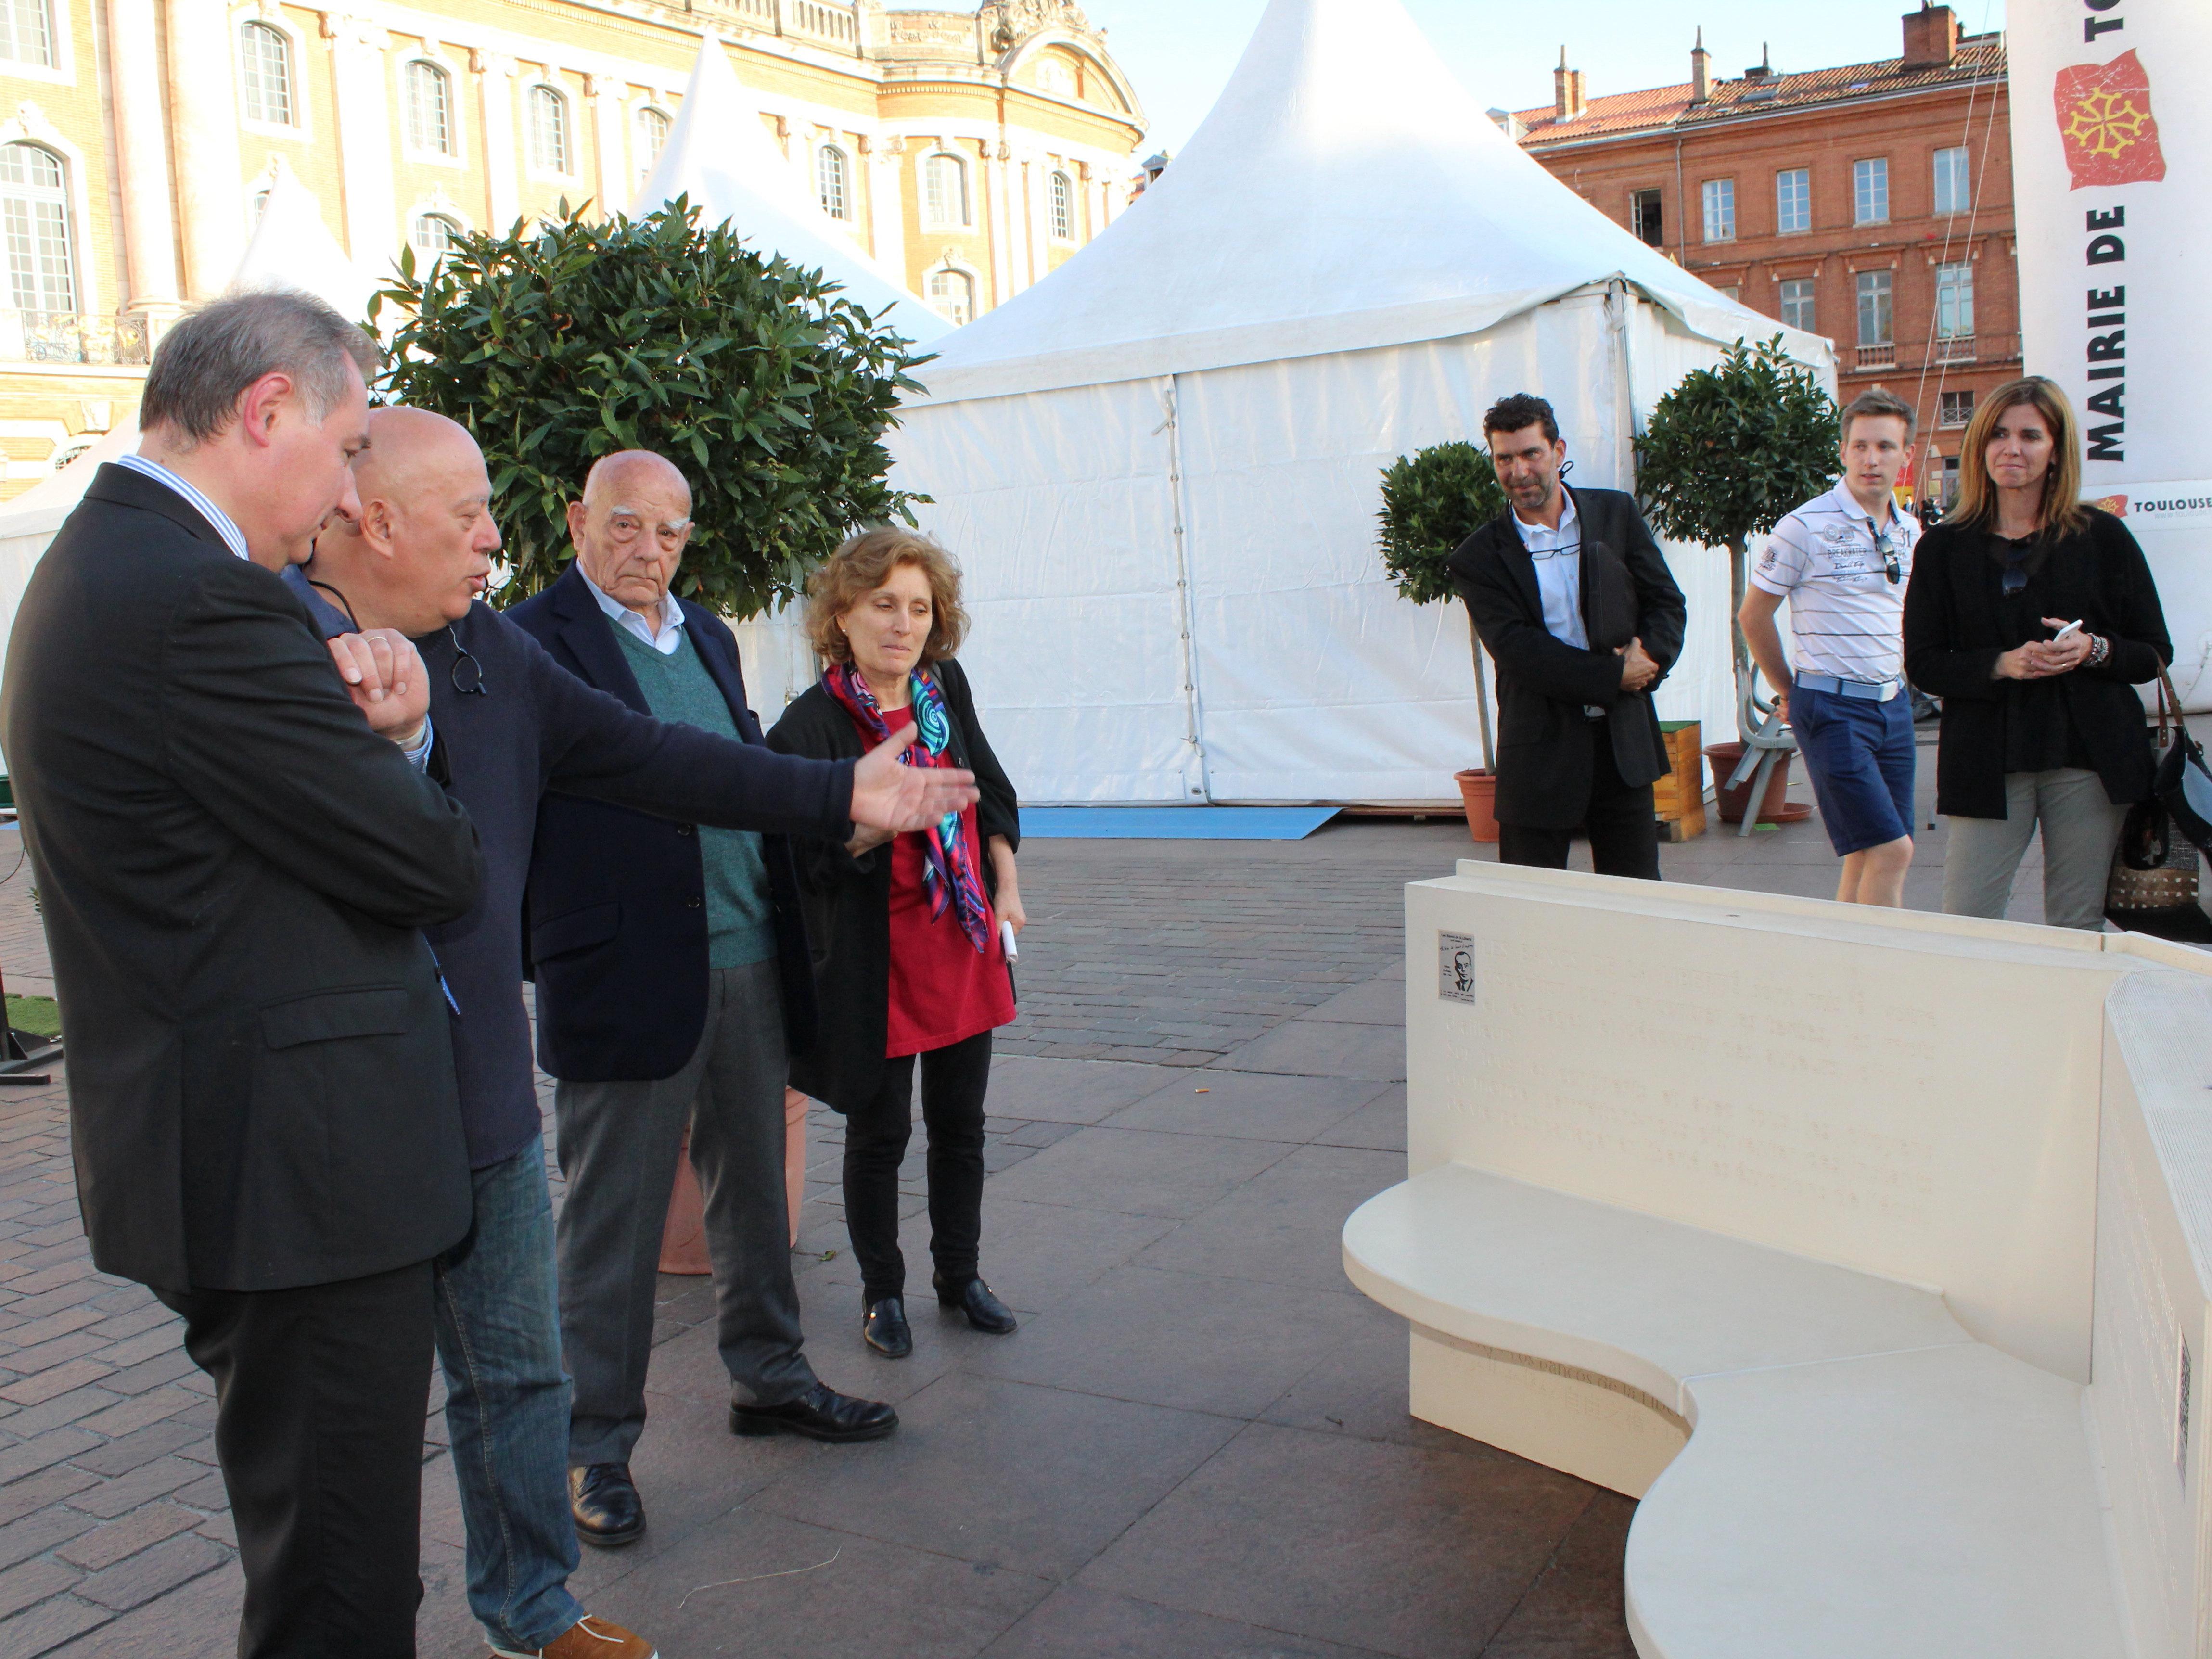 Première présentation publique d'un Banc de la Liberté à Toulouse